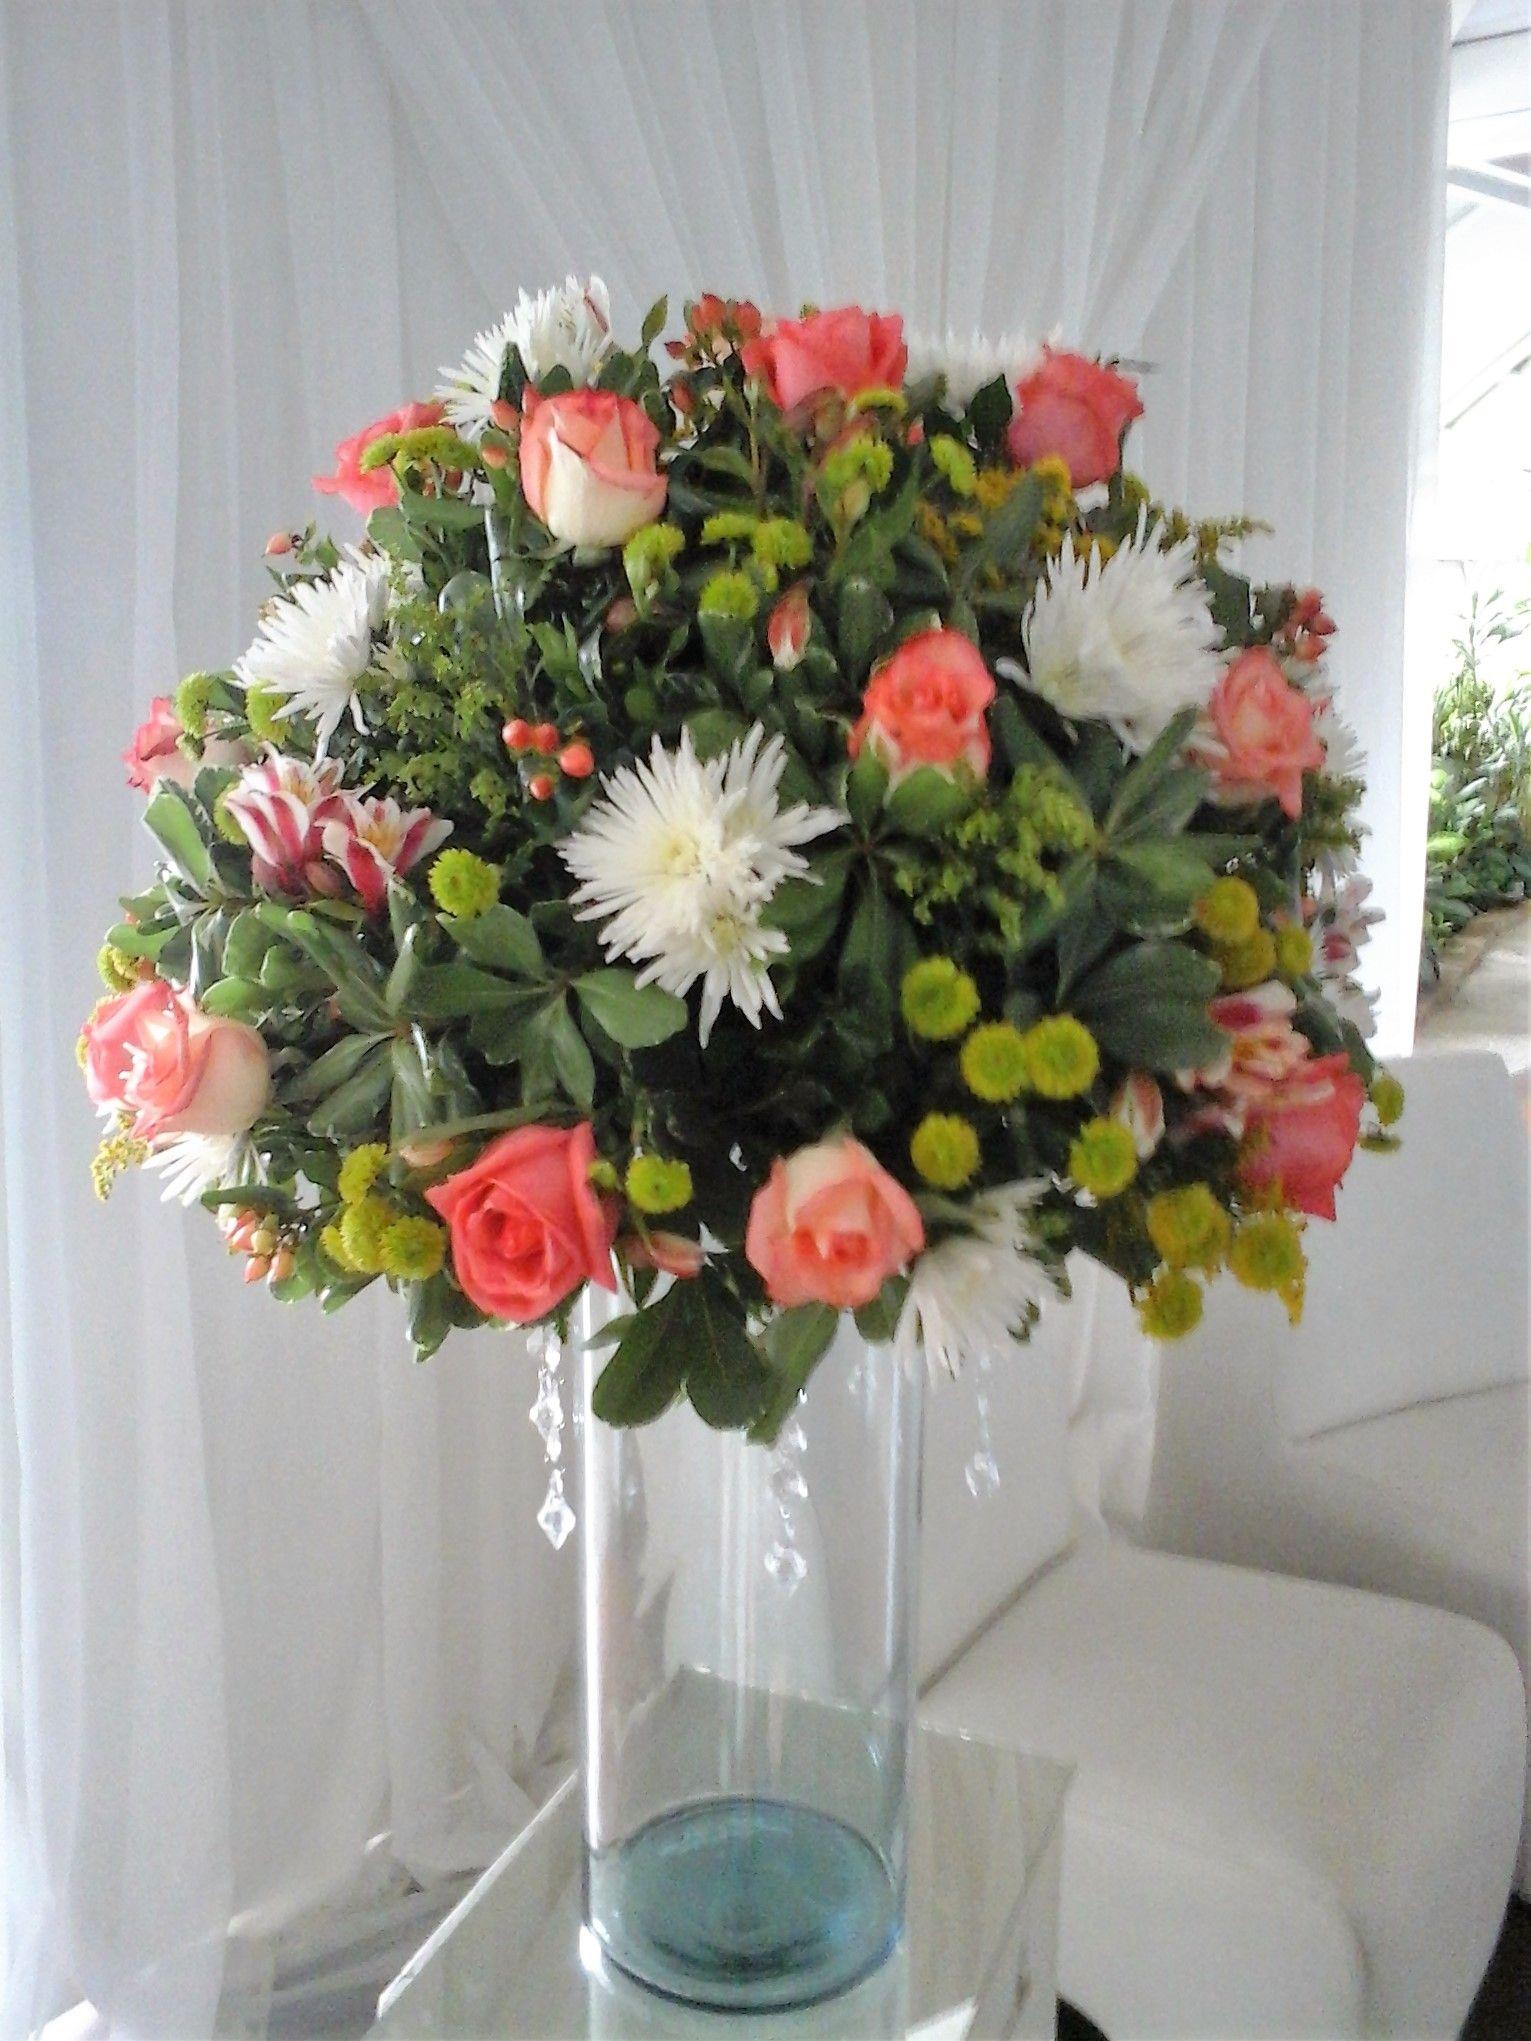 Centro De Mesa Alto En Cilindro Flores Rosas Coral Bicolor Pinquips Crisantemos Hipericum Y Follaj Centro De Mesa Alto Centros De Mesa Decoracion Bodas